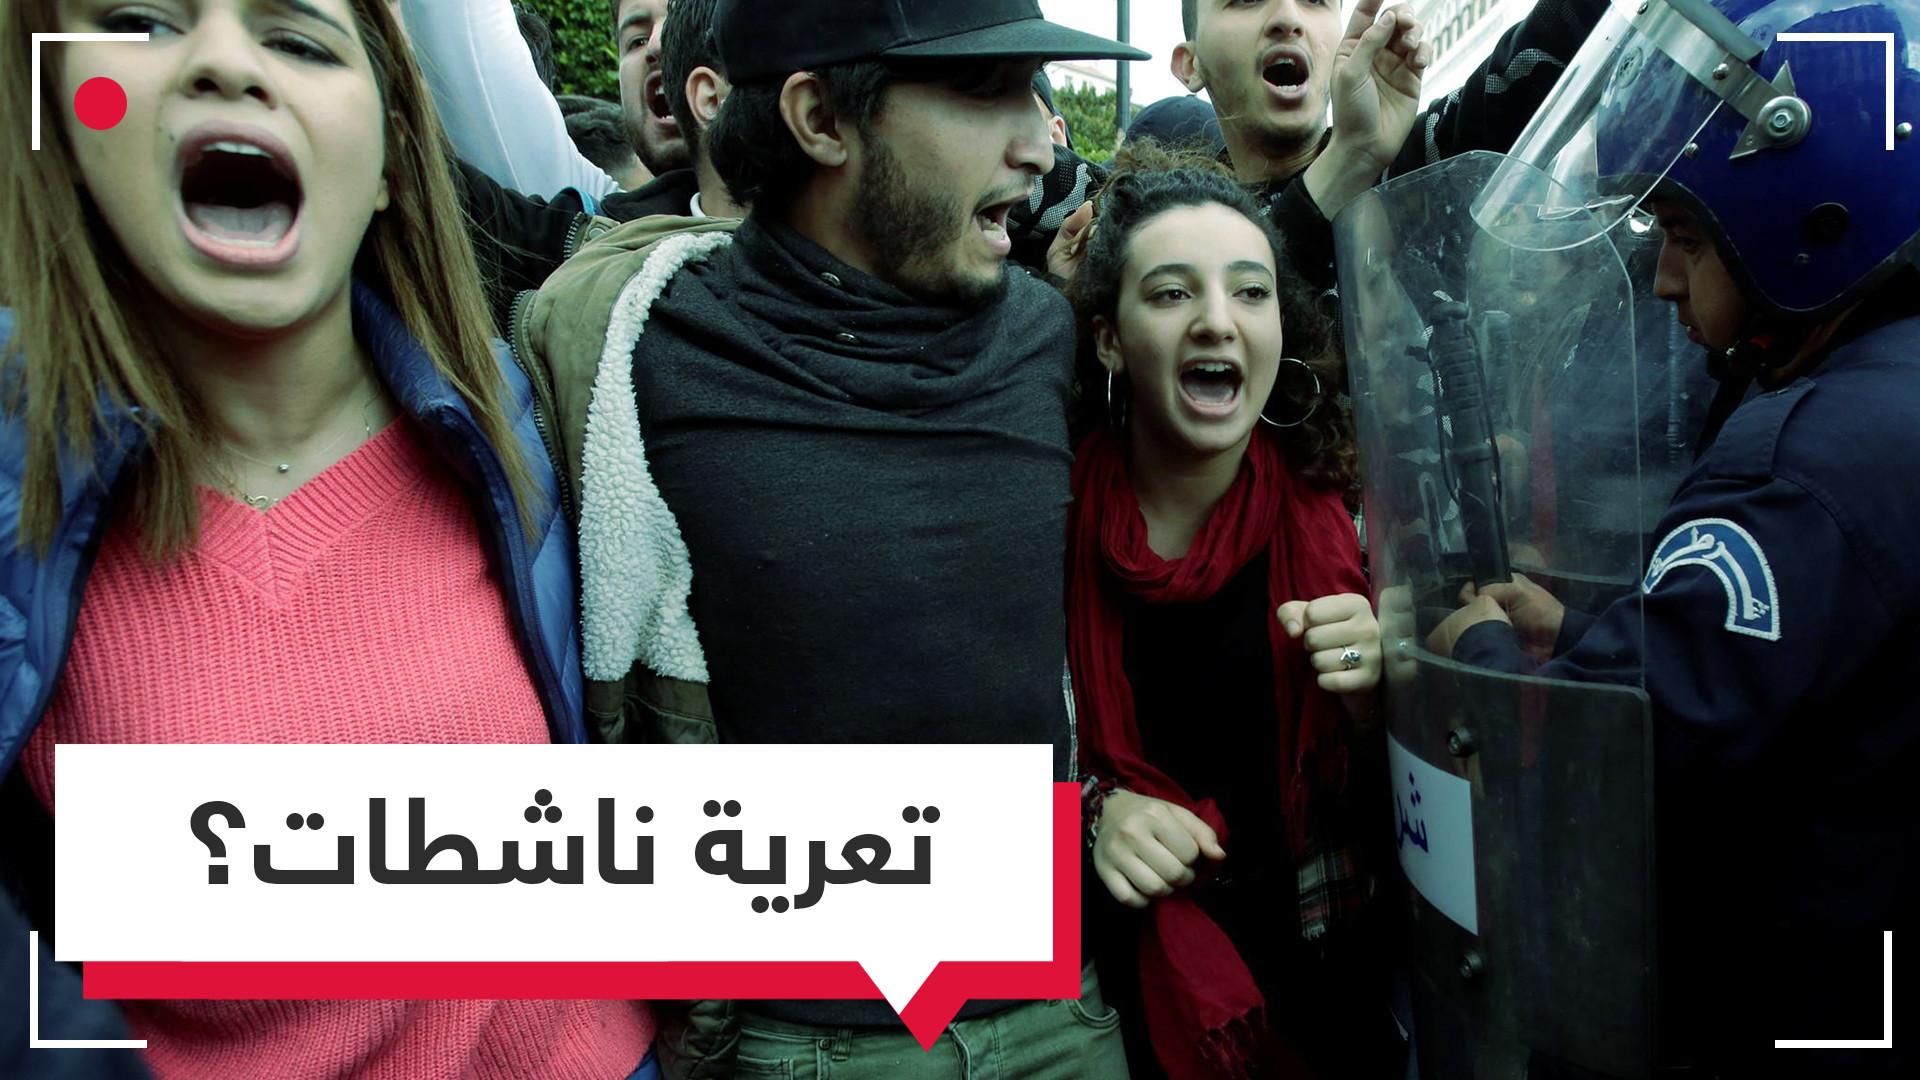 """غضب عارم بالجزائر.. هل تمت """"تعرية"""" 4 ناشطات في مركز للشرطة؟"""